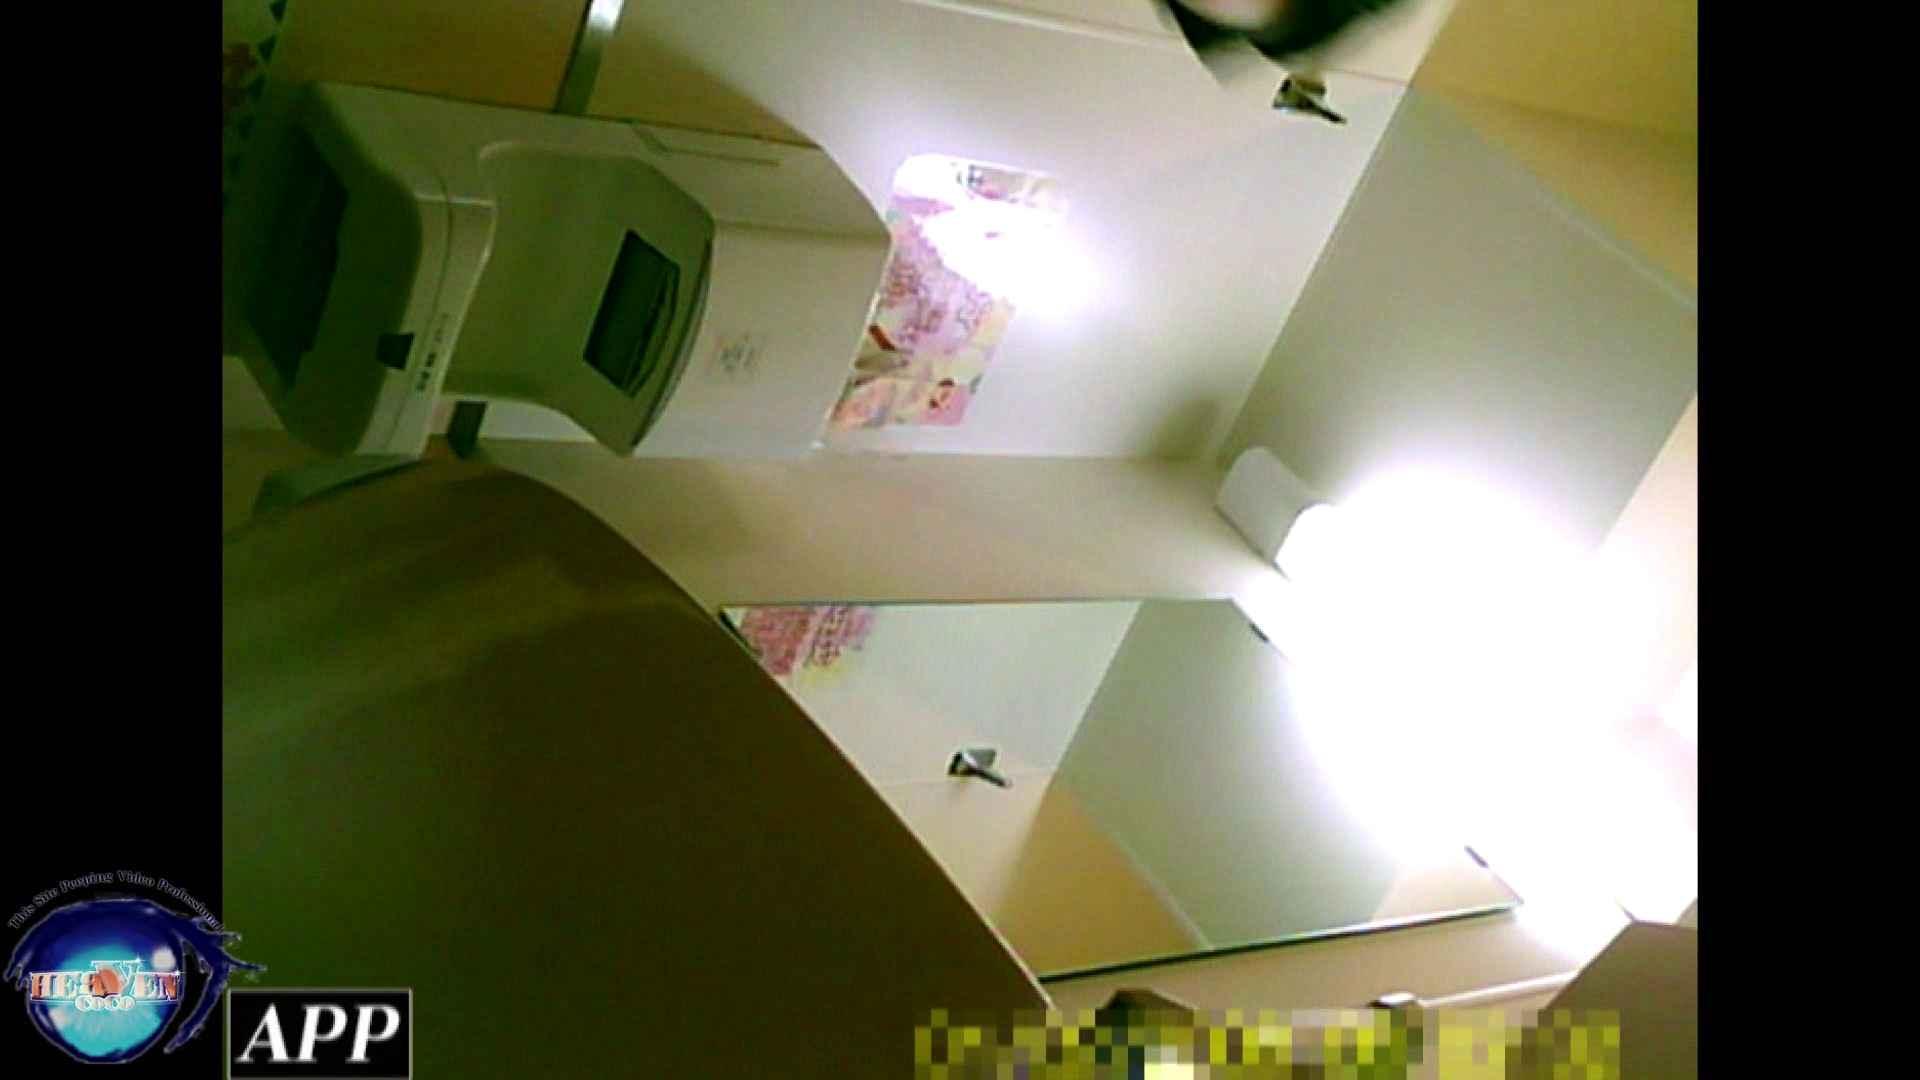 三つ目で盗撮 vol.07 オマンコ特集 盗撮動画紹介 96pic 33